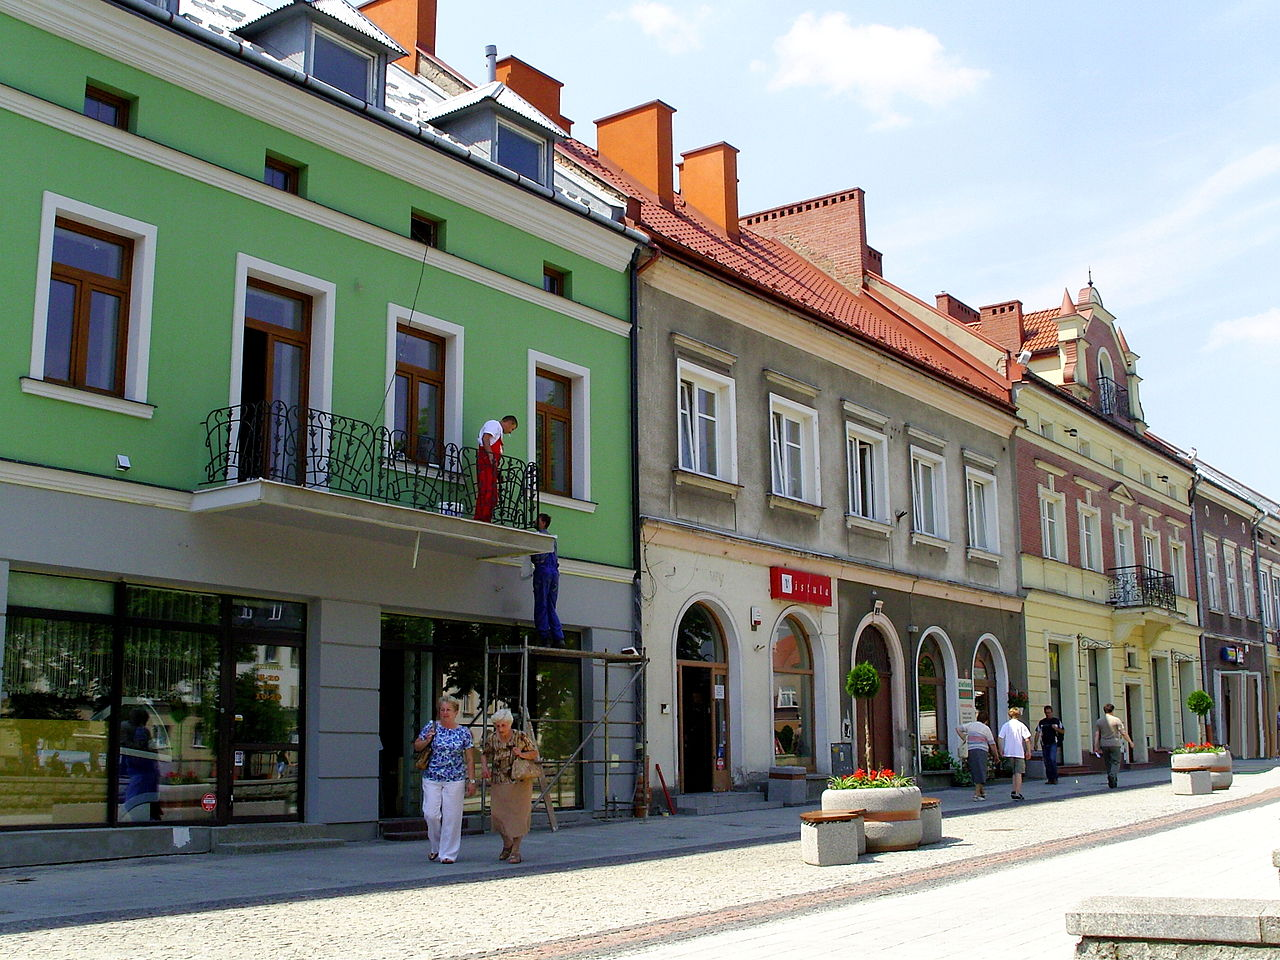 Plik:Kamienice Rynek Jaslo.JPG – Wikipedia, wolna encyklopedia